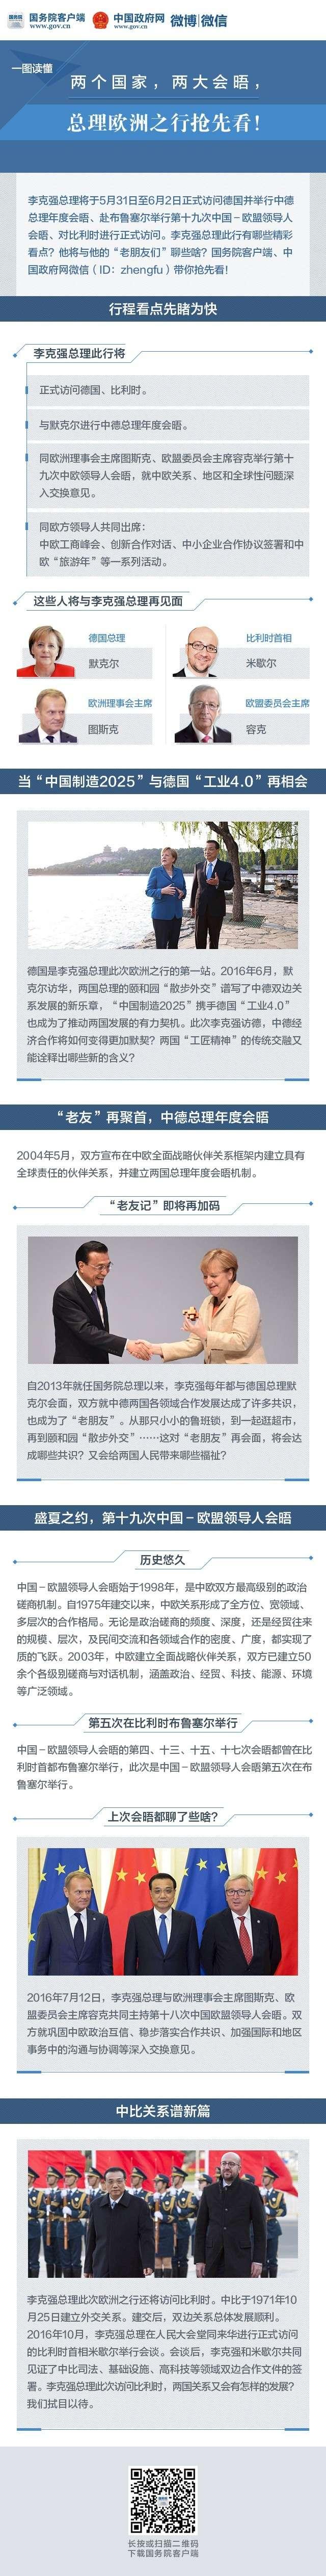 两个国家,两大会晤,总理欧洲之行抢先看!